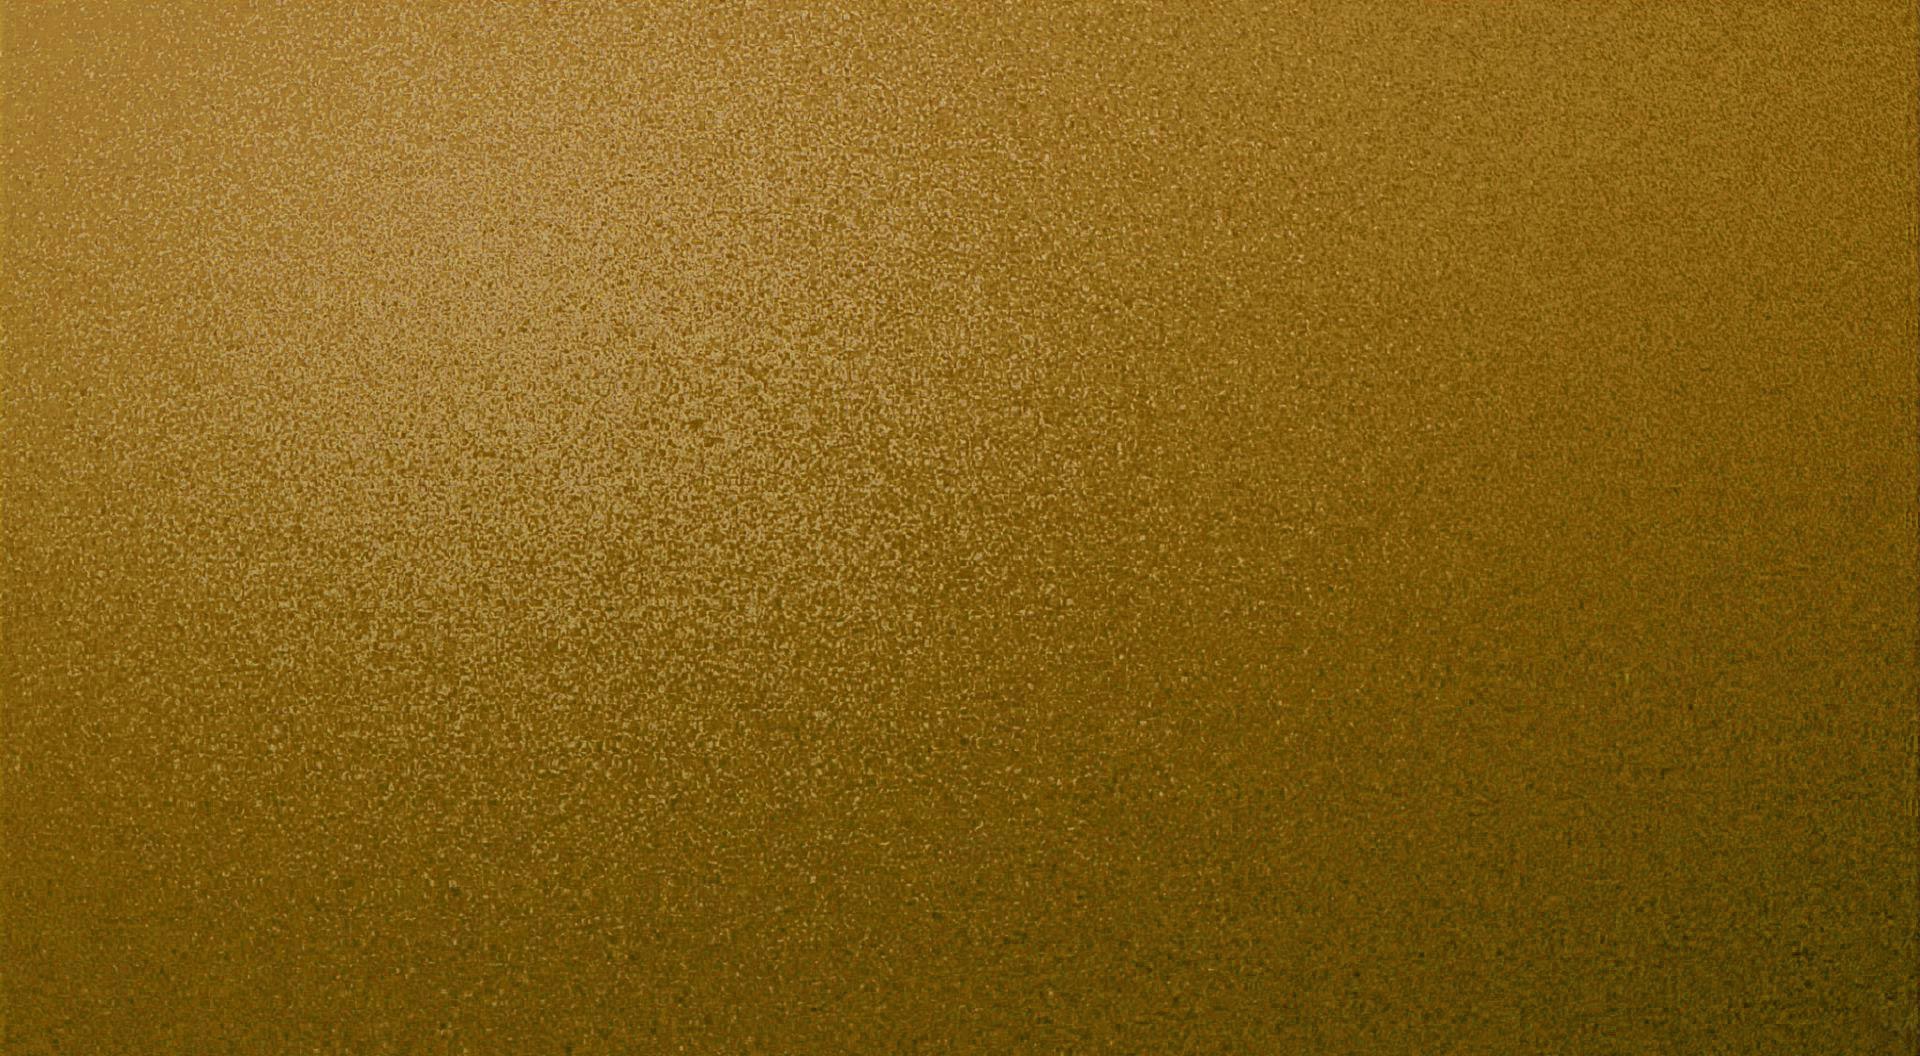 gold wallpaper l